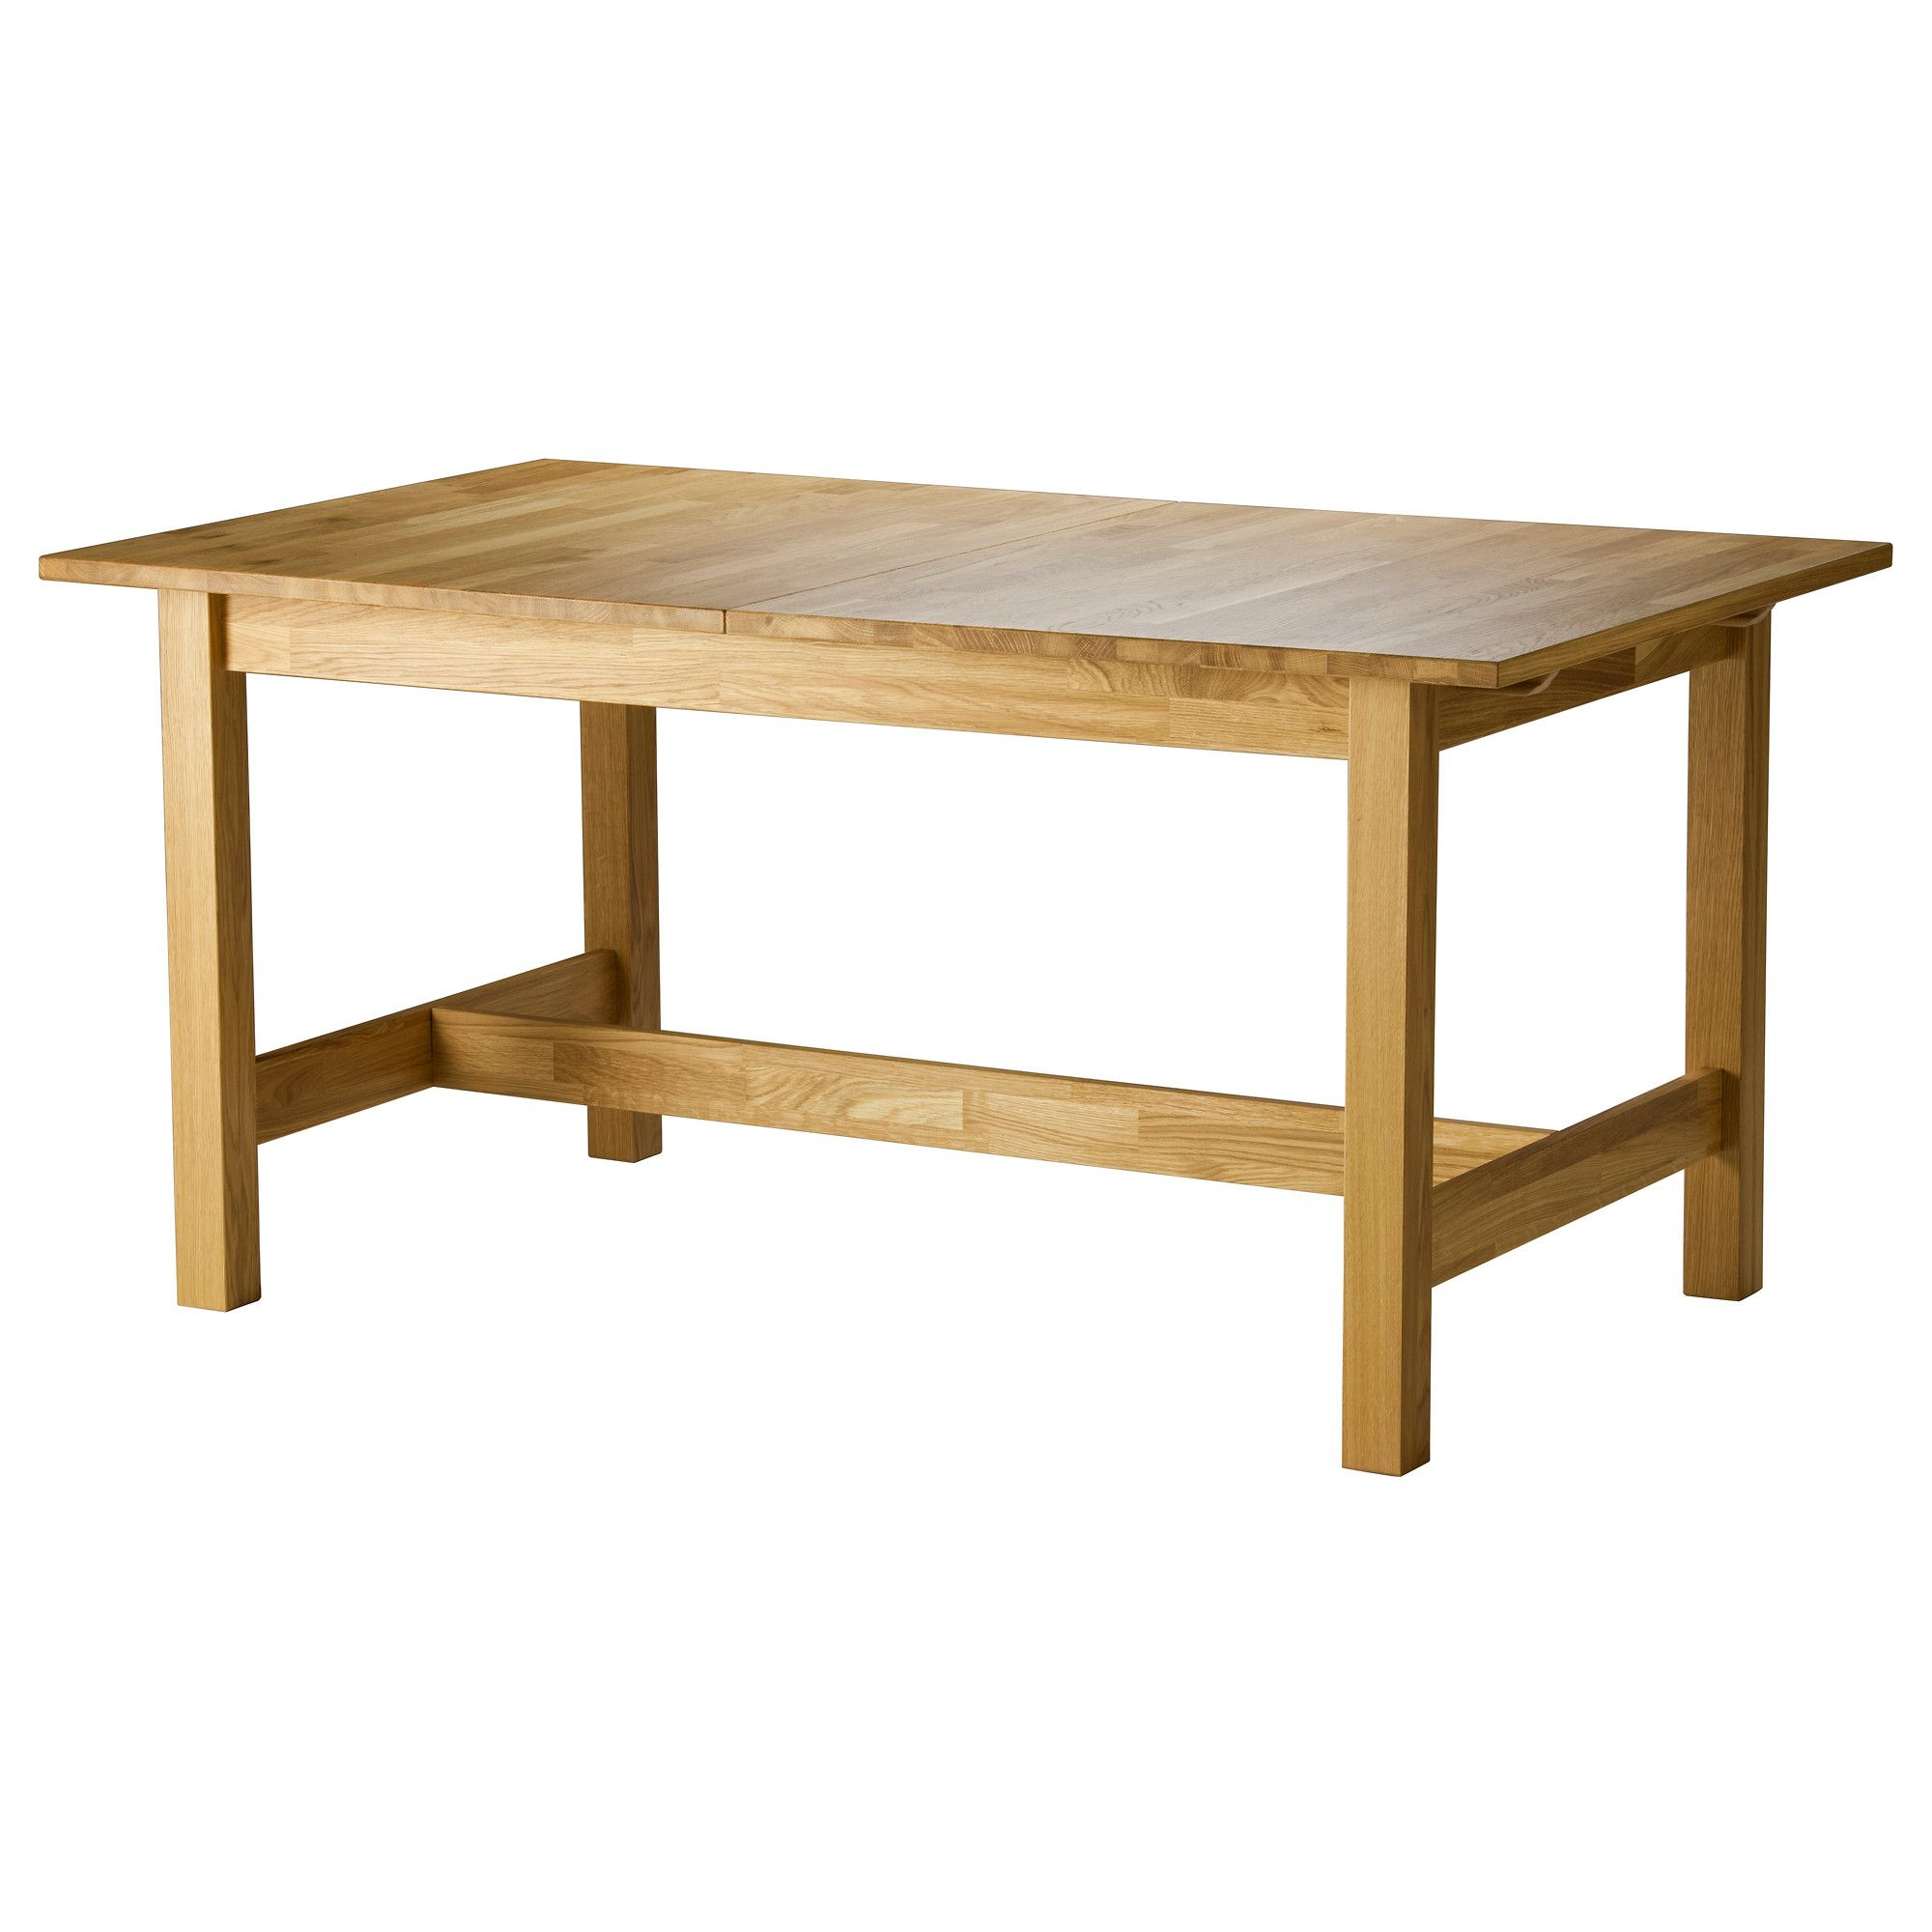 Mobilier Et Décoration - Intérieur Et Extérieur   For The ... pour Table Ronde Jardin Ikea